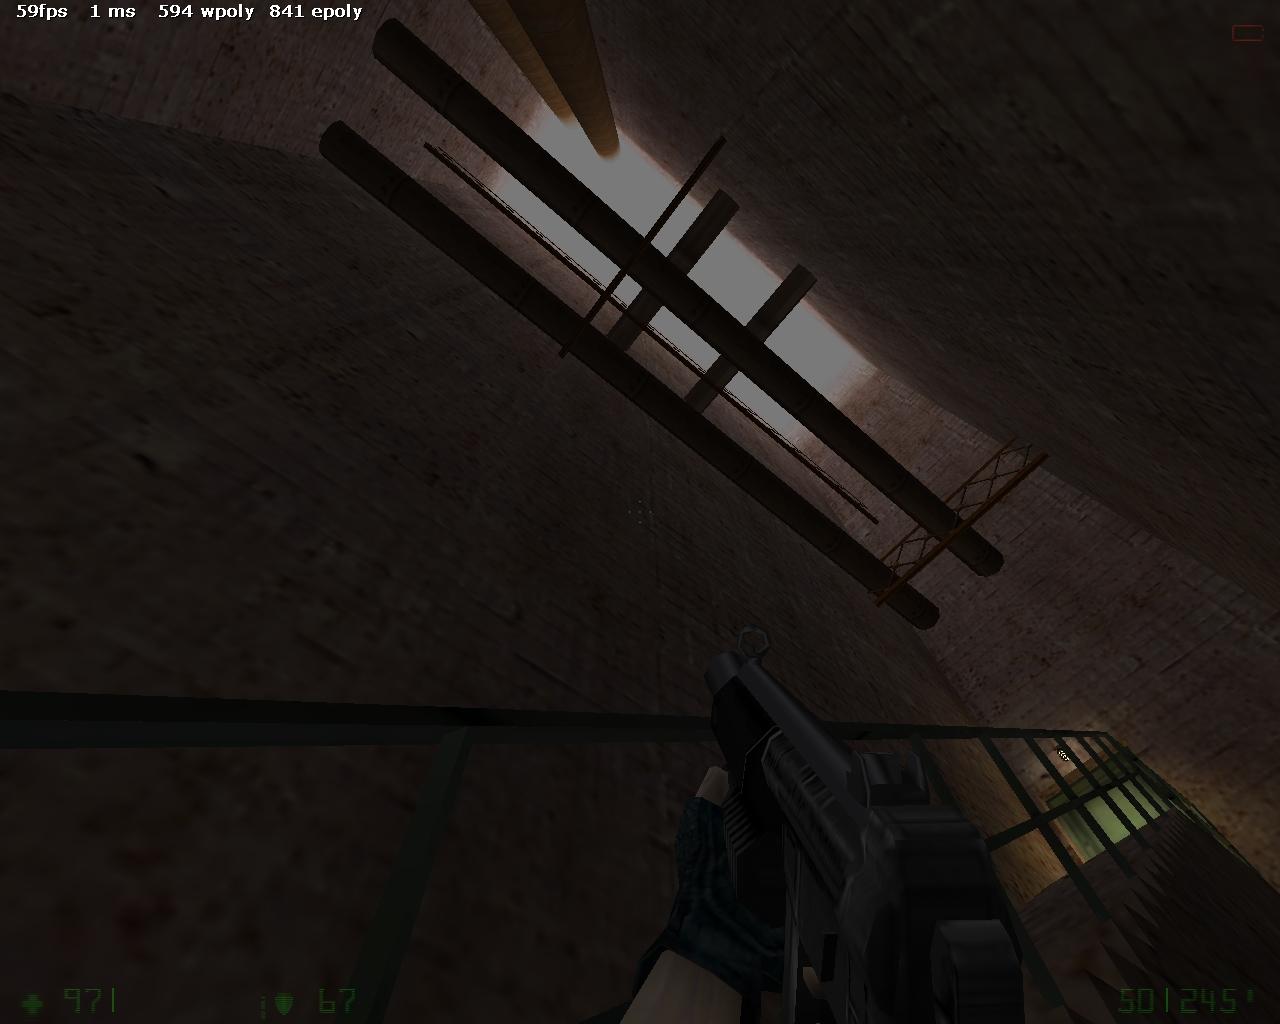 biotanks0001.jpg - Half-Life